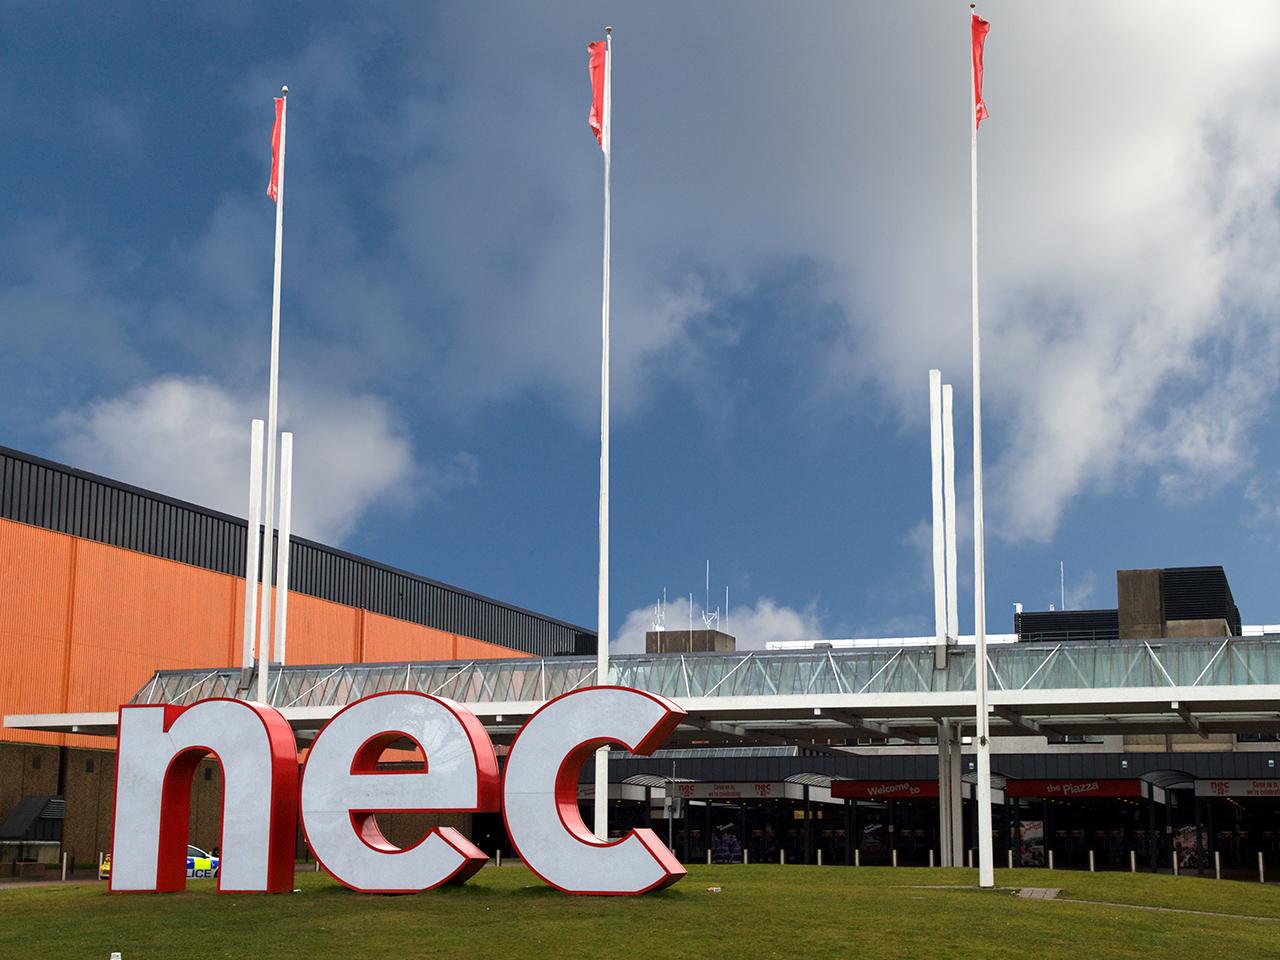 an exhibition centre